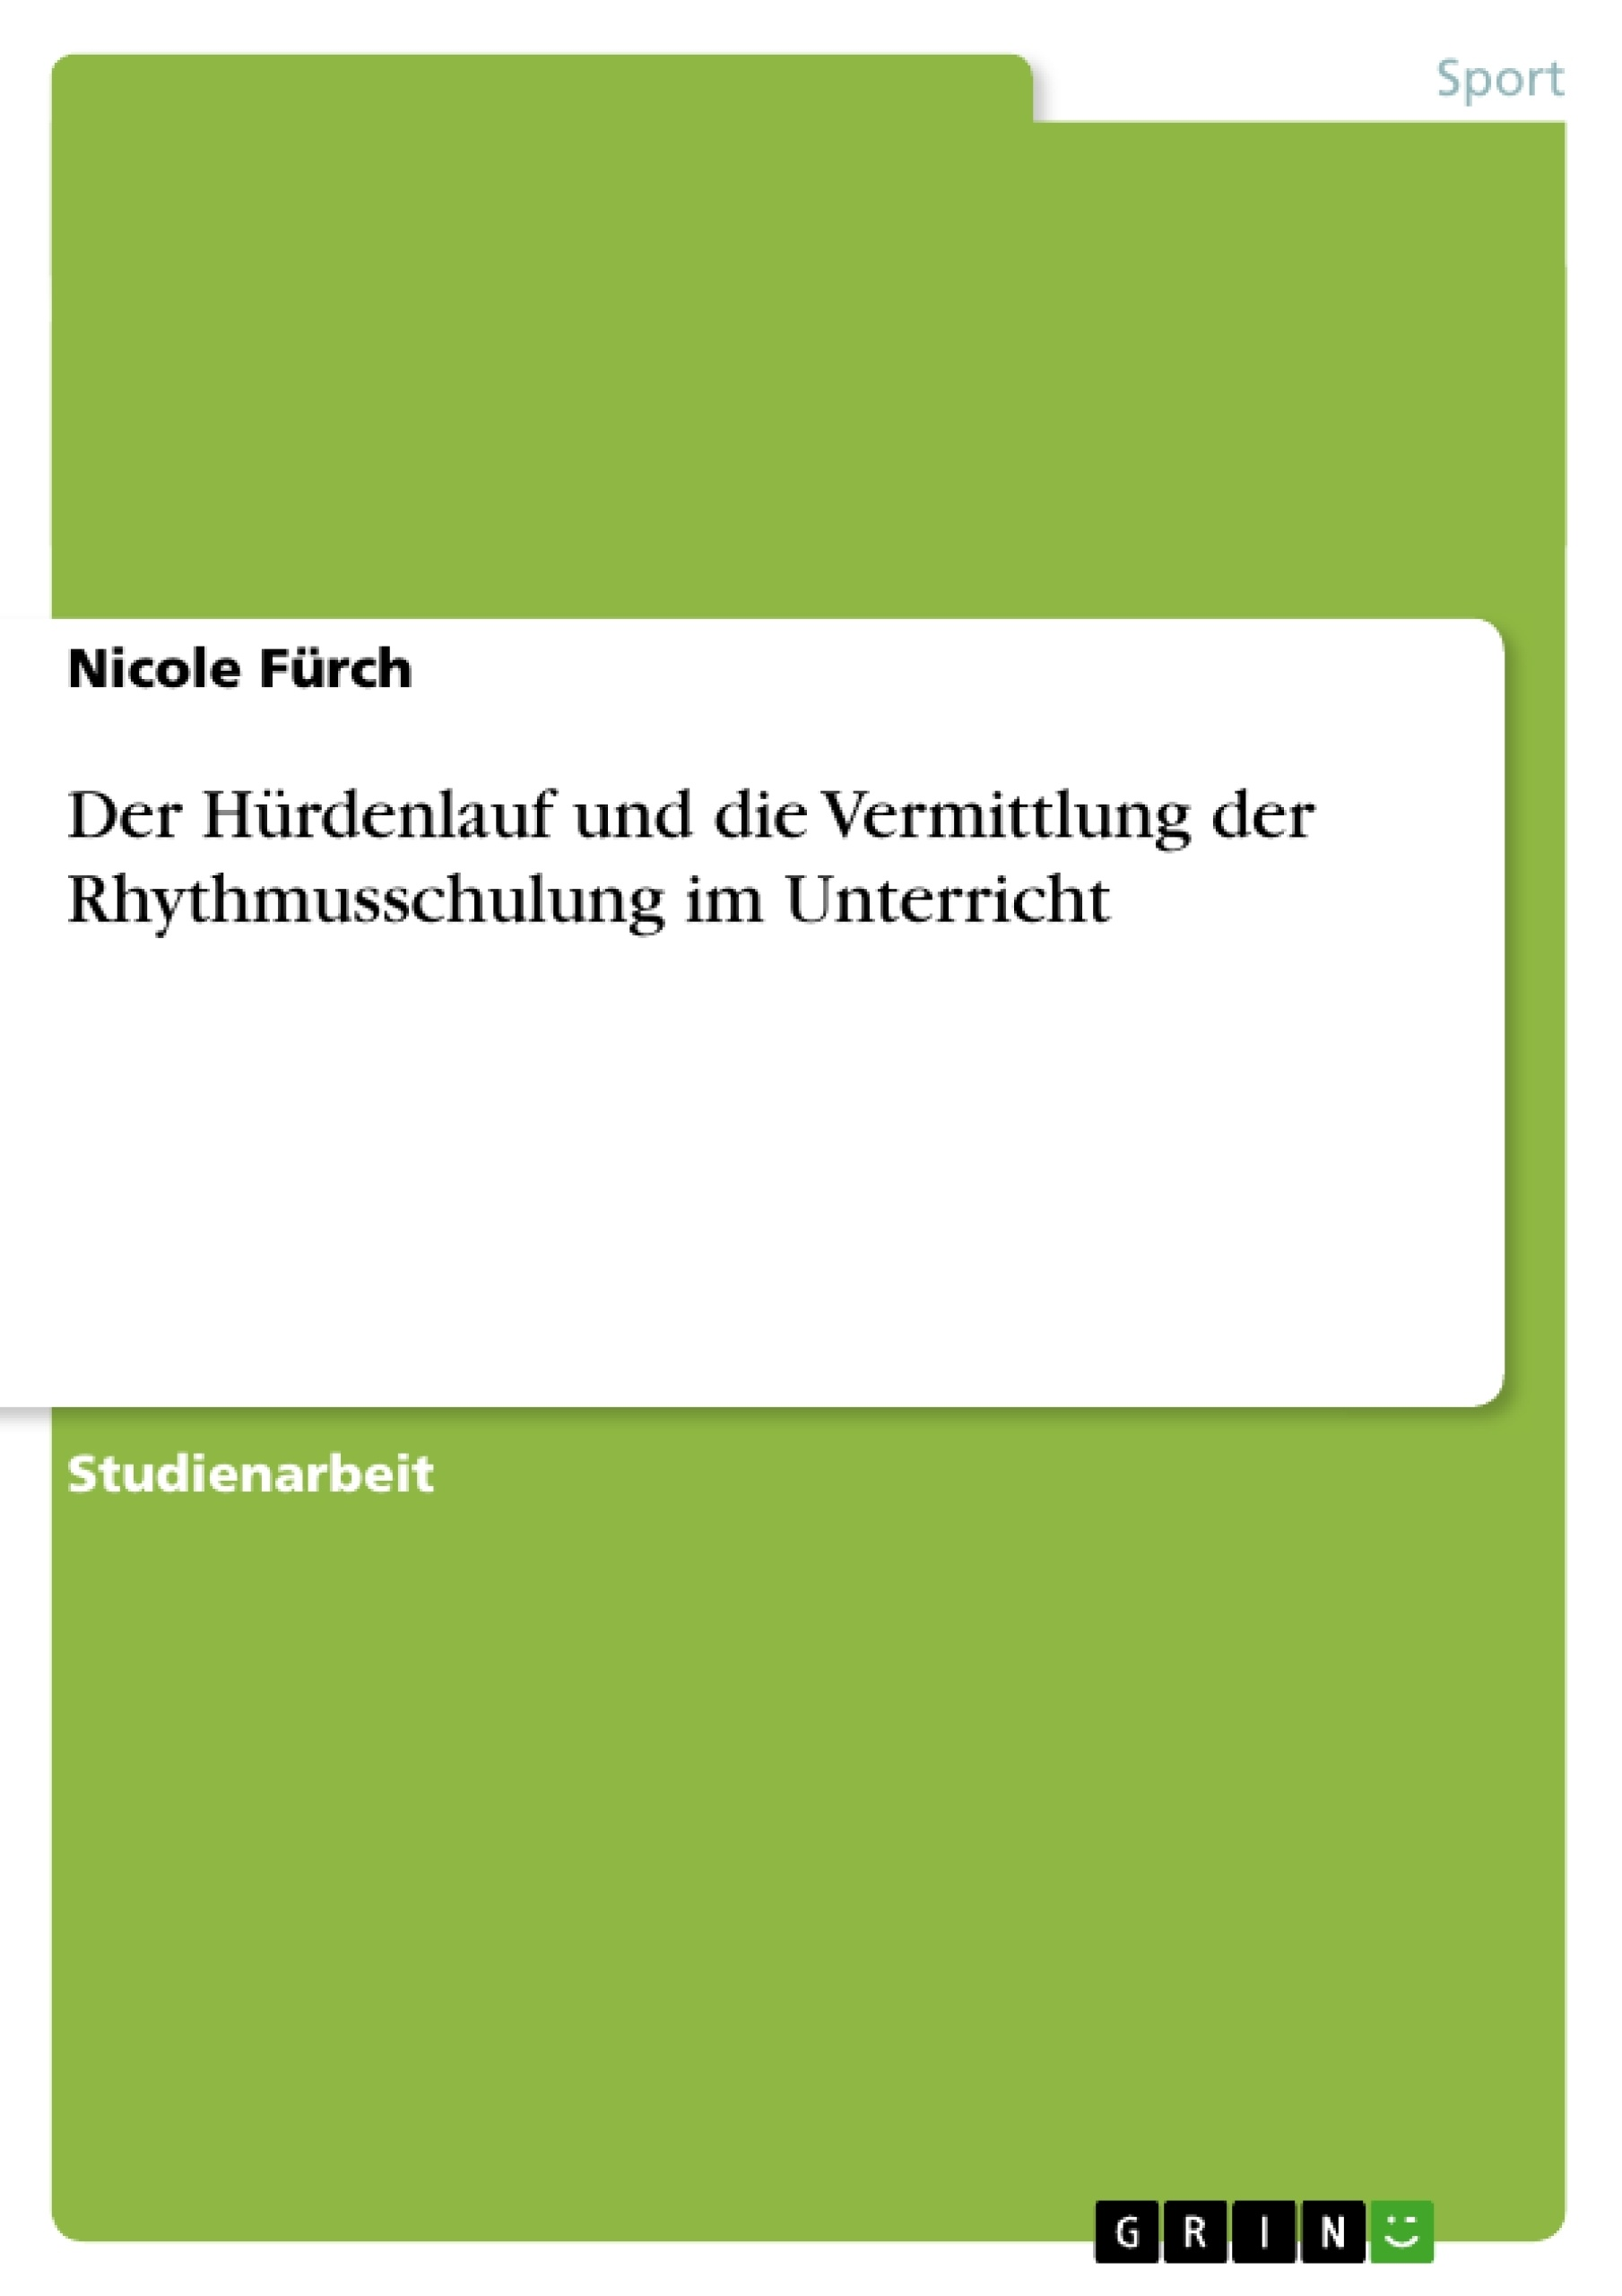 Titel: Der Hürdenlauf und die Vermittlung der Rhythmusschulung im Unterricht